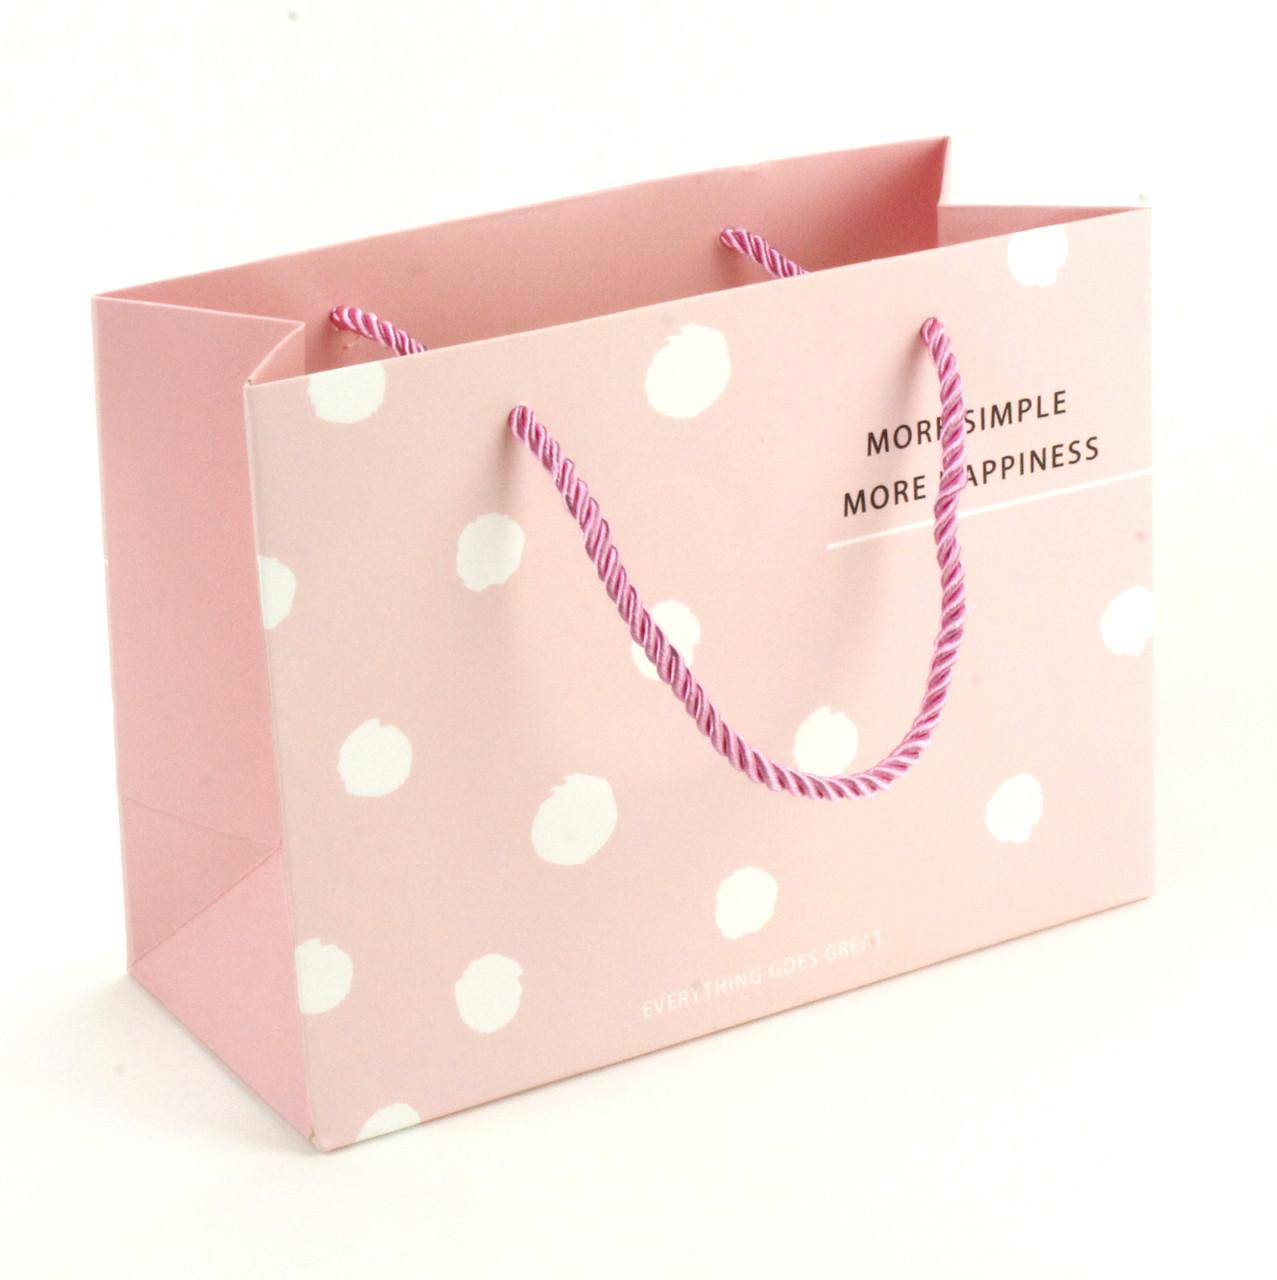 Подарочный пакет 19.5 х 14.5 х 8.5 см More simple More happiness розовый